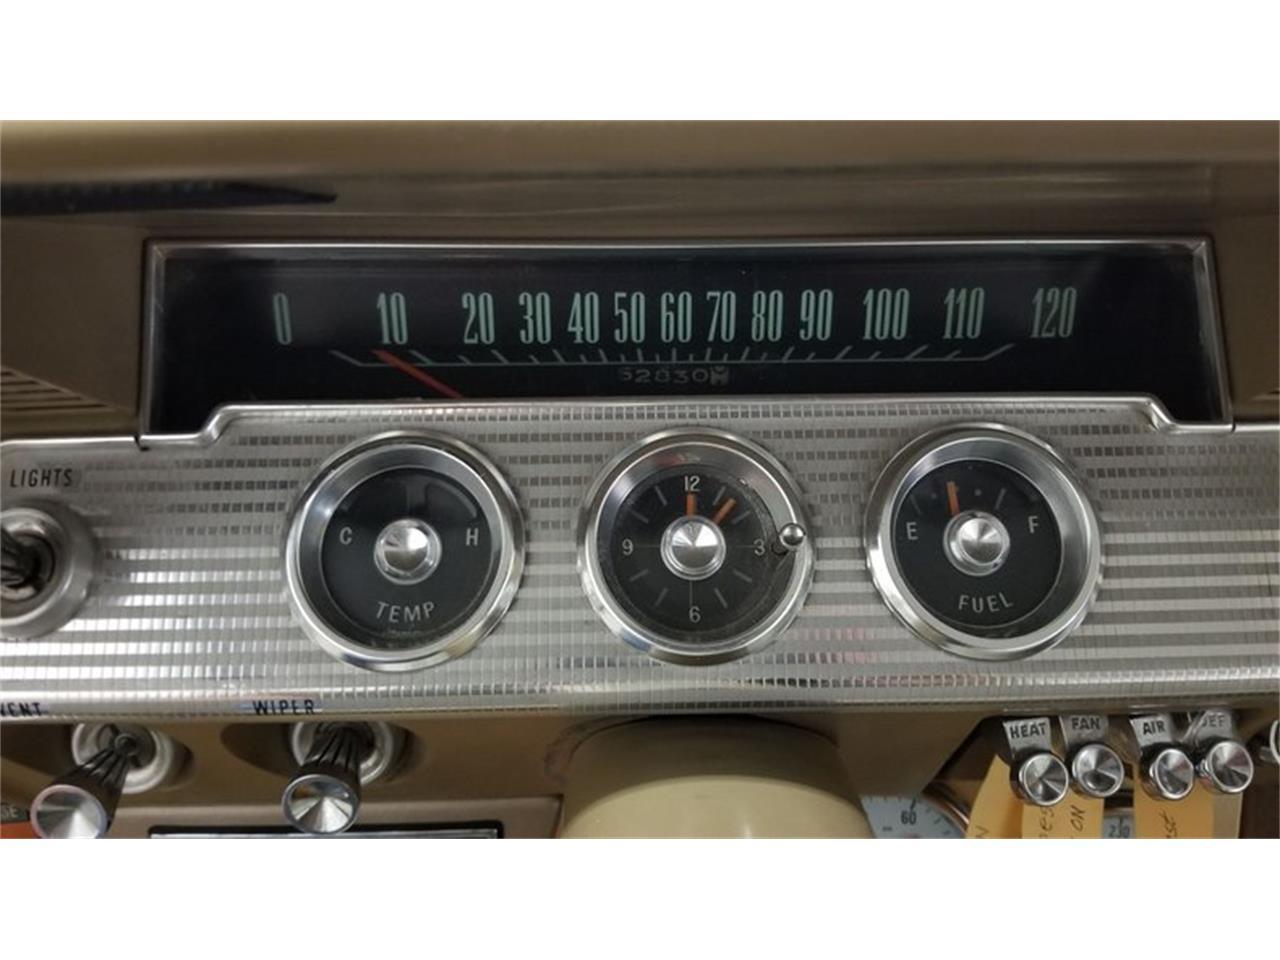 Large Picture of '62 Chevrolet Impala located in Mankato Minnesota - $29,900.00 - QKOQ